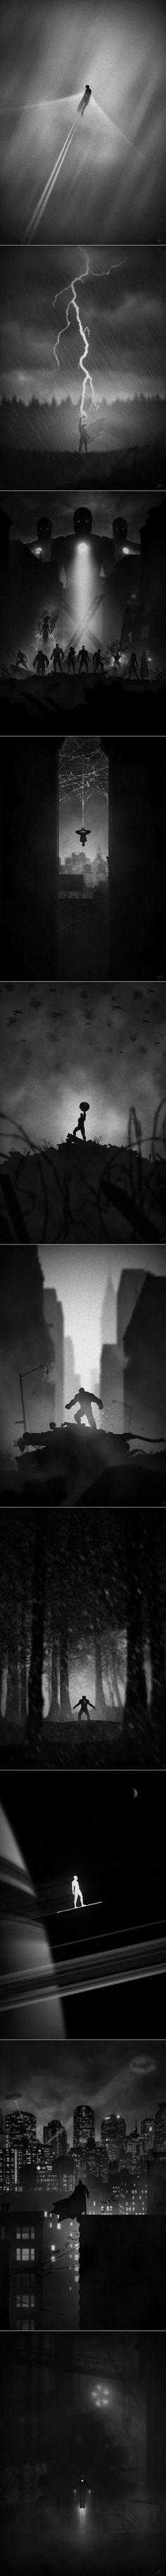 Eerie superhero posters http://www.reddit.com/r/pics/comments/1qtvsh/eerie_superhero_posters/: